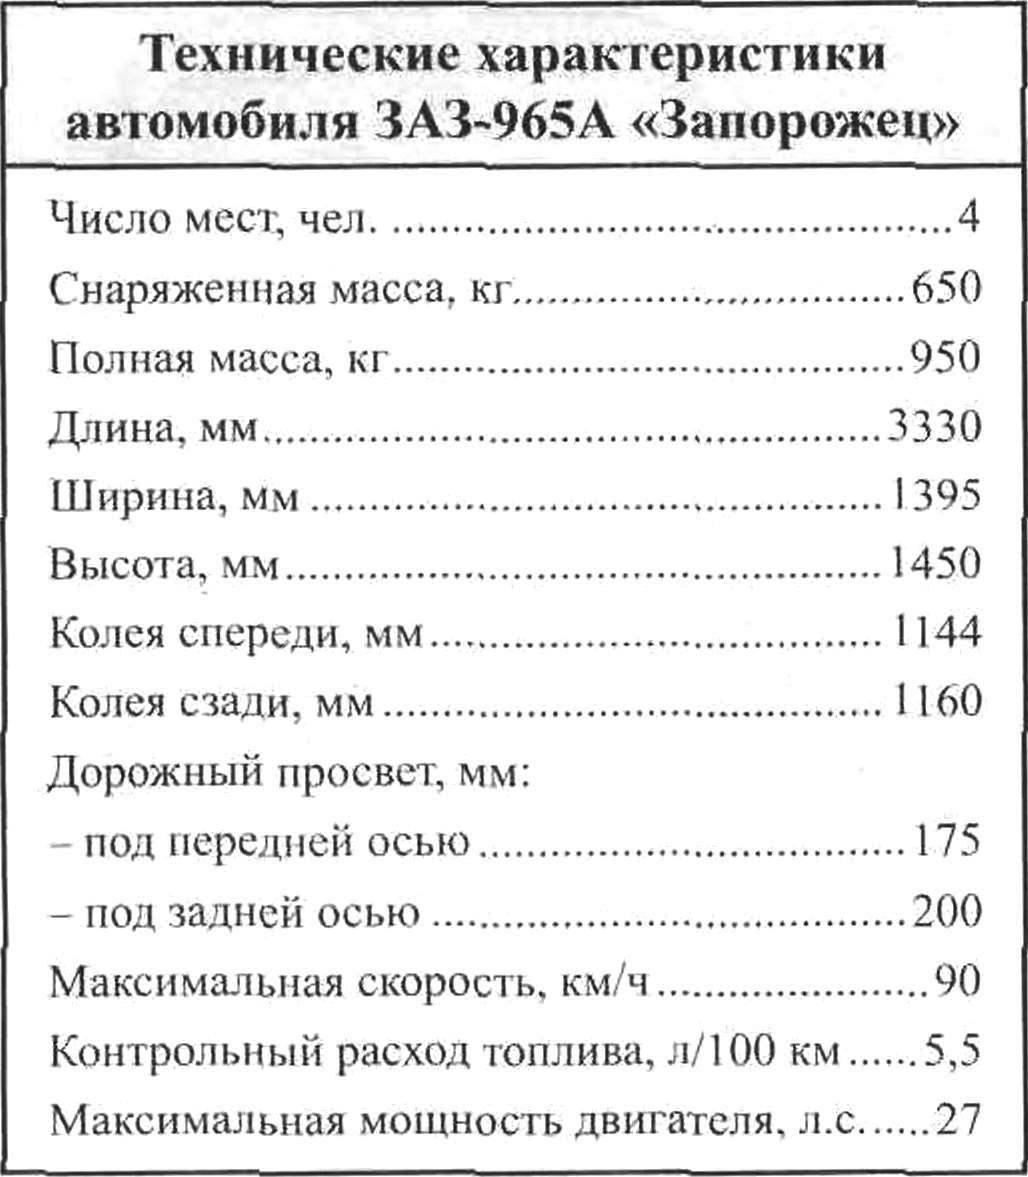 Технические характеристики автомобиля ЗАЗ-965А «Запорожец»